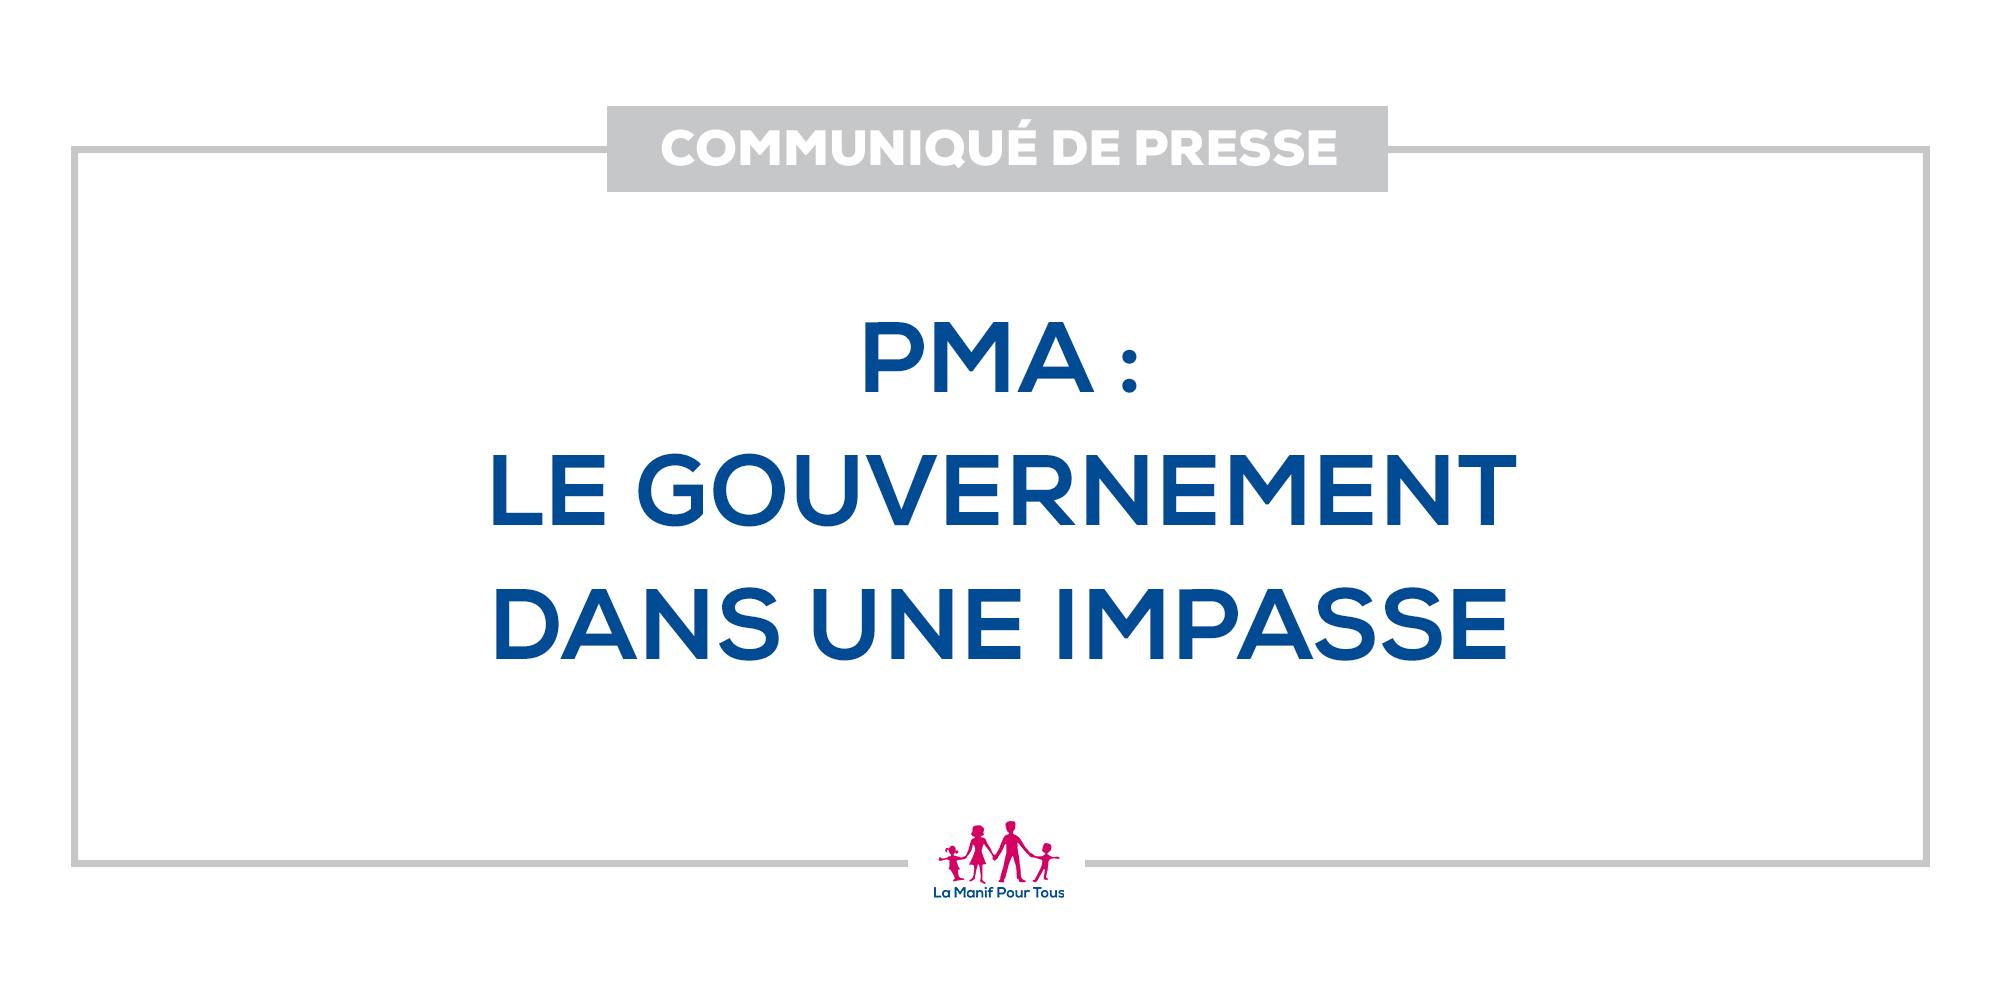 Image - Communiqué de presse – PMA : le Gouvernement dans une impasse